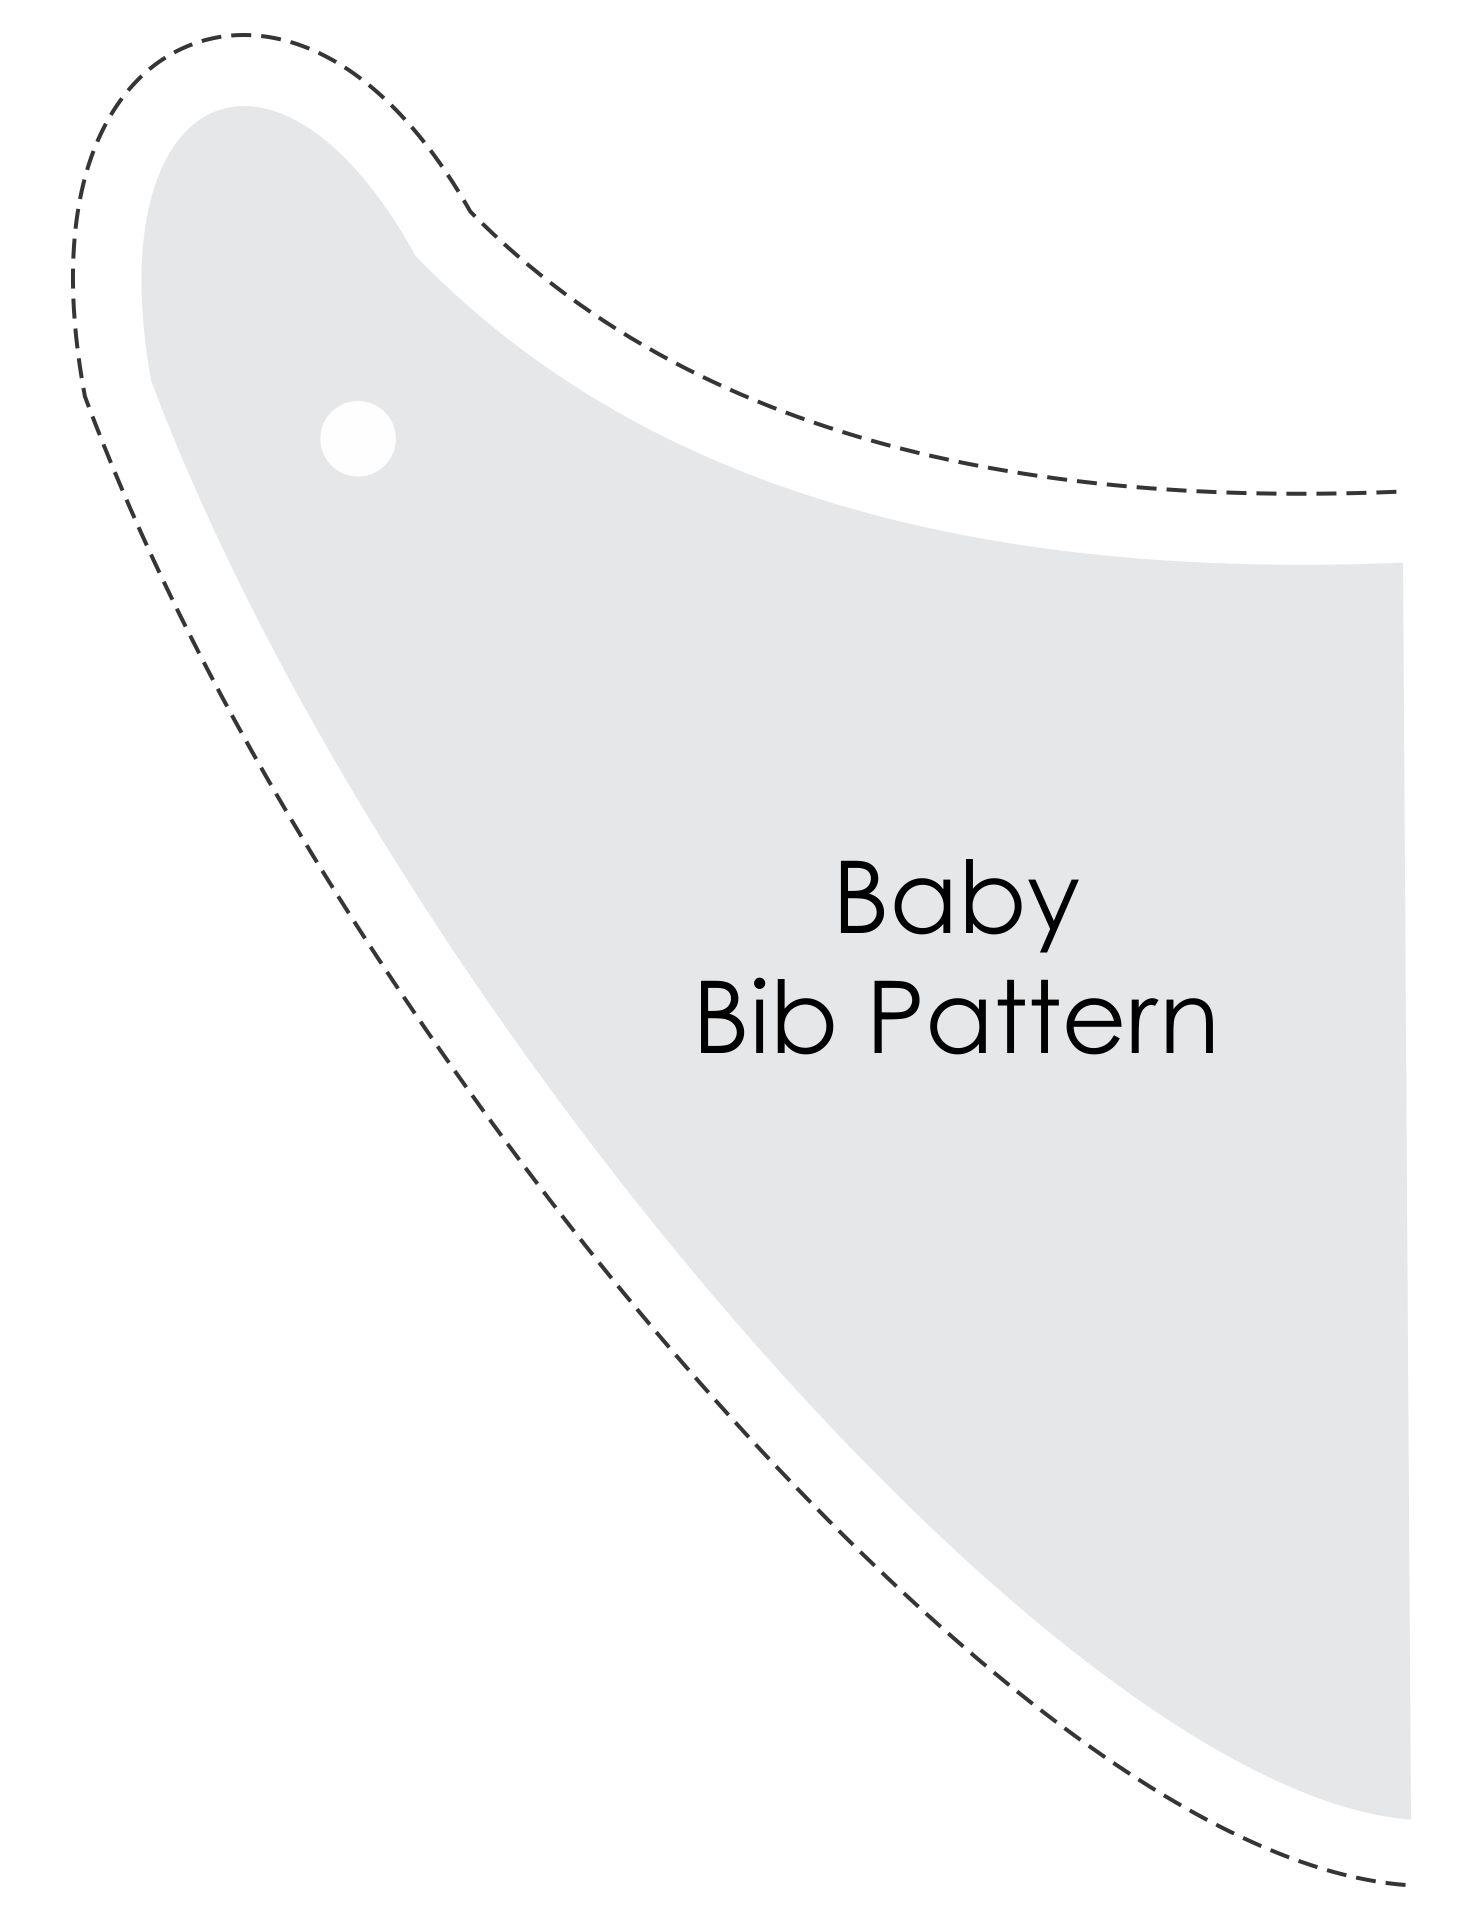 Printable Free Baby Bib Patterns